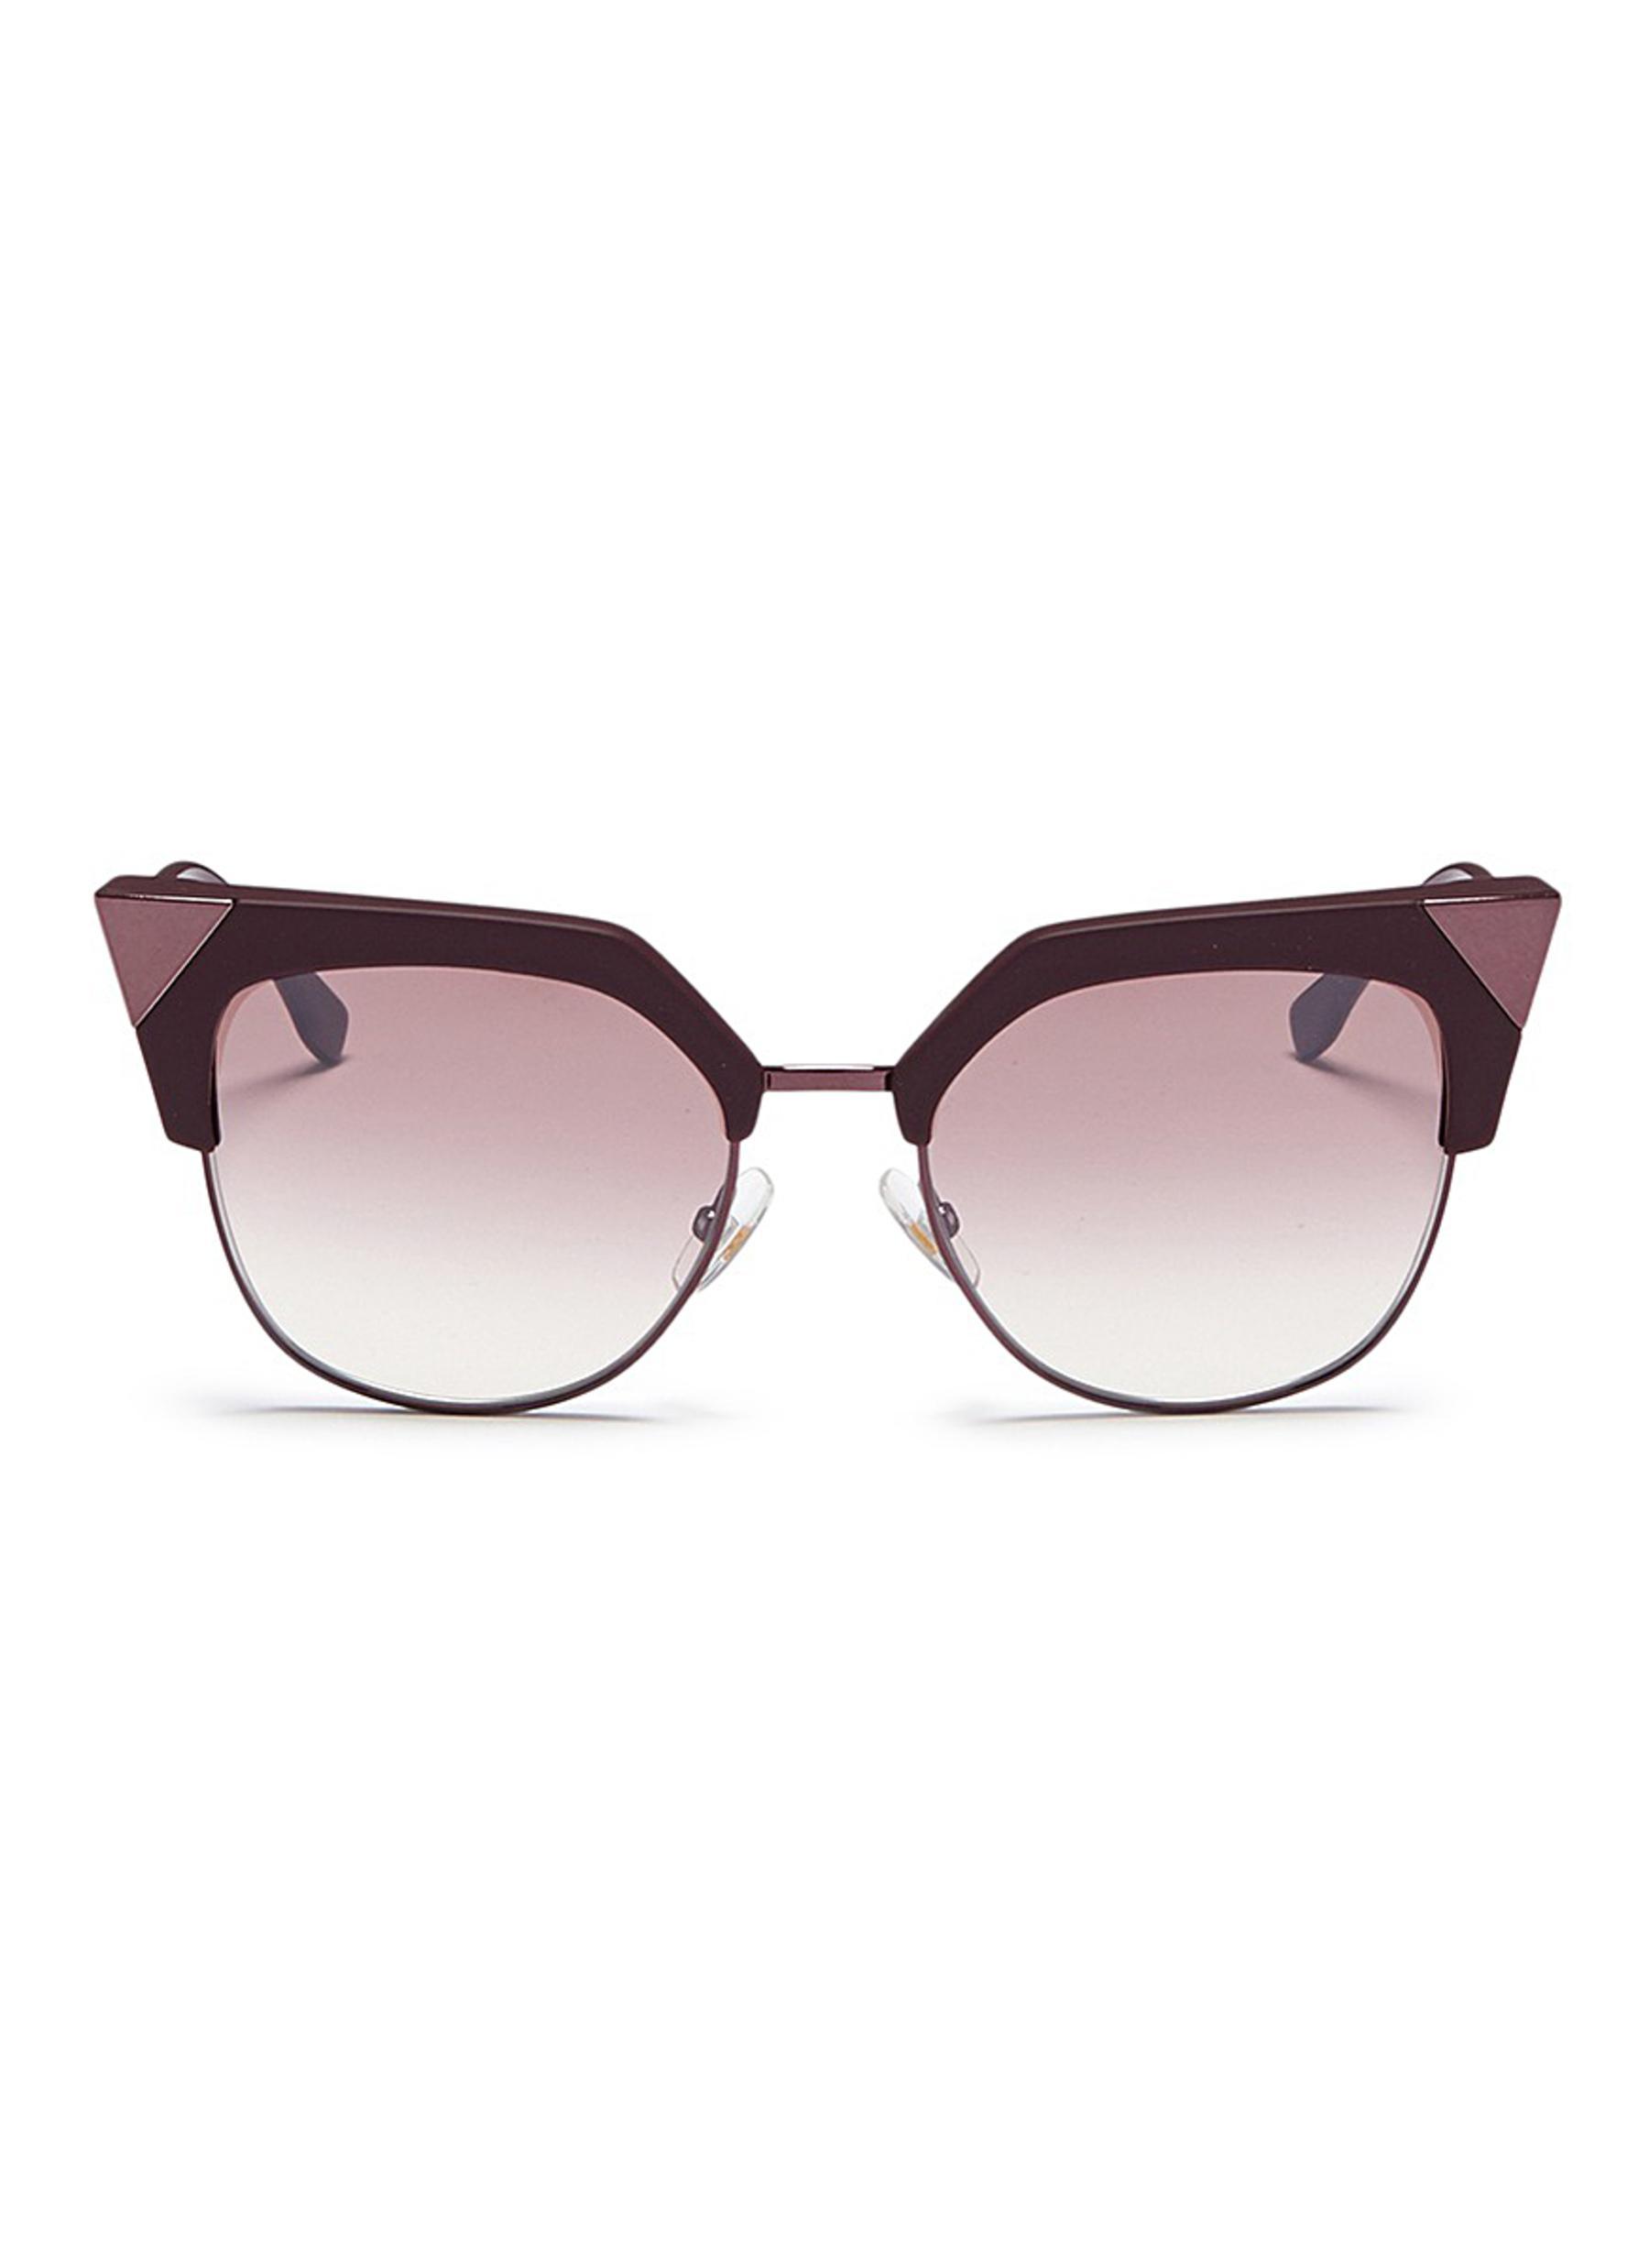 Iridia sunglasses - Metallic Fendi eYnnk1